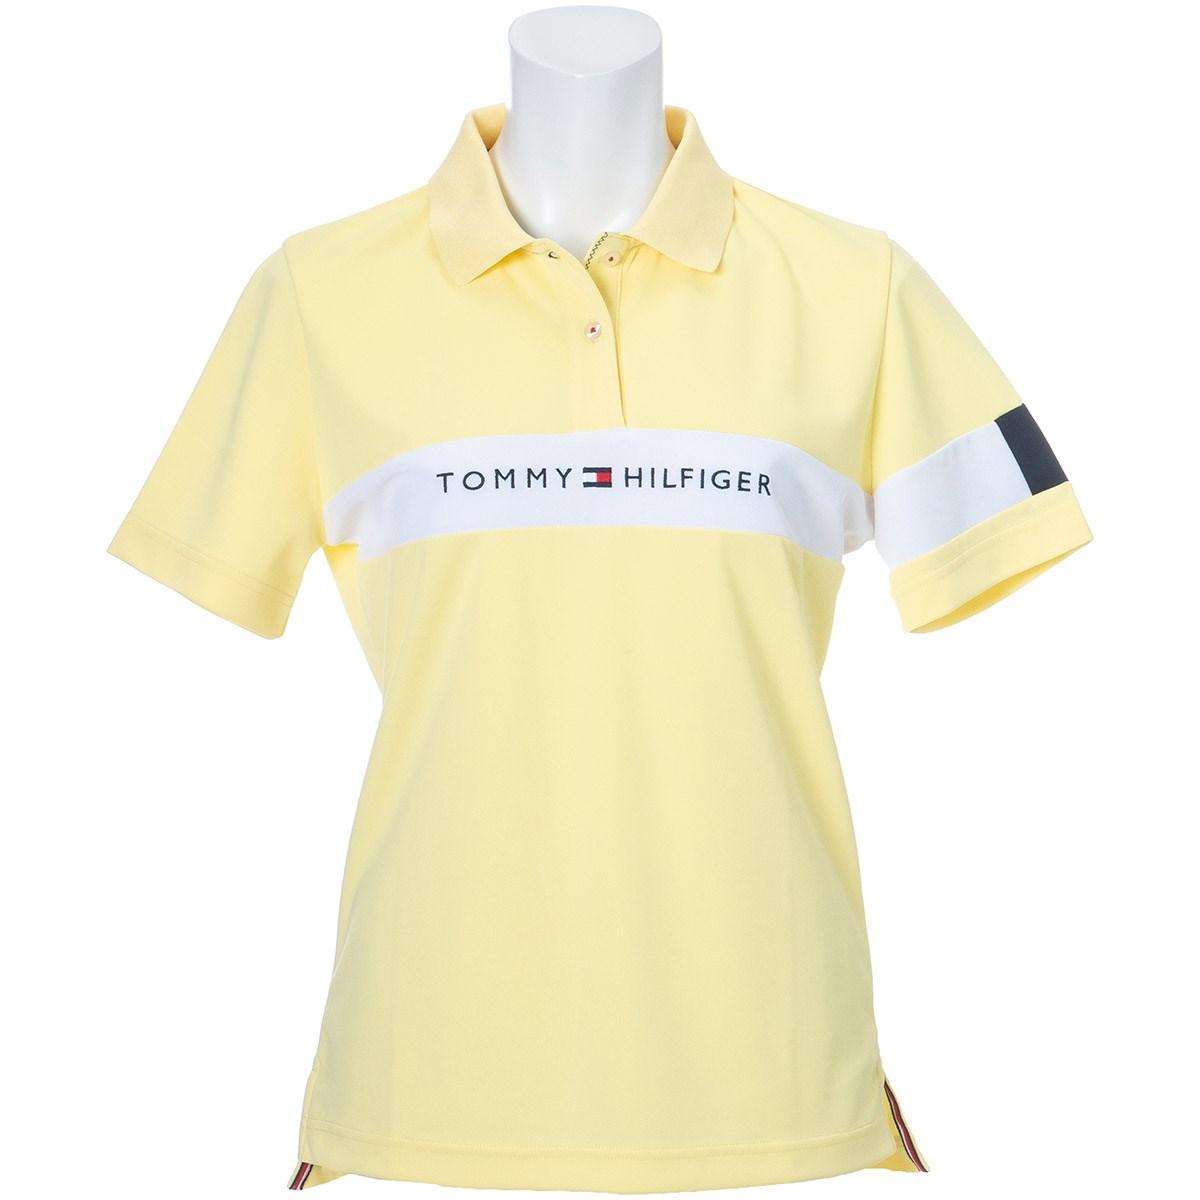 トミー ヒルフィガー ゴルフ TOMMY HILFIGER GOLF TOMMYロゴ 半袖ポロシャツ S イエロー レディス